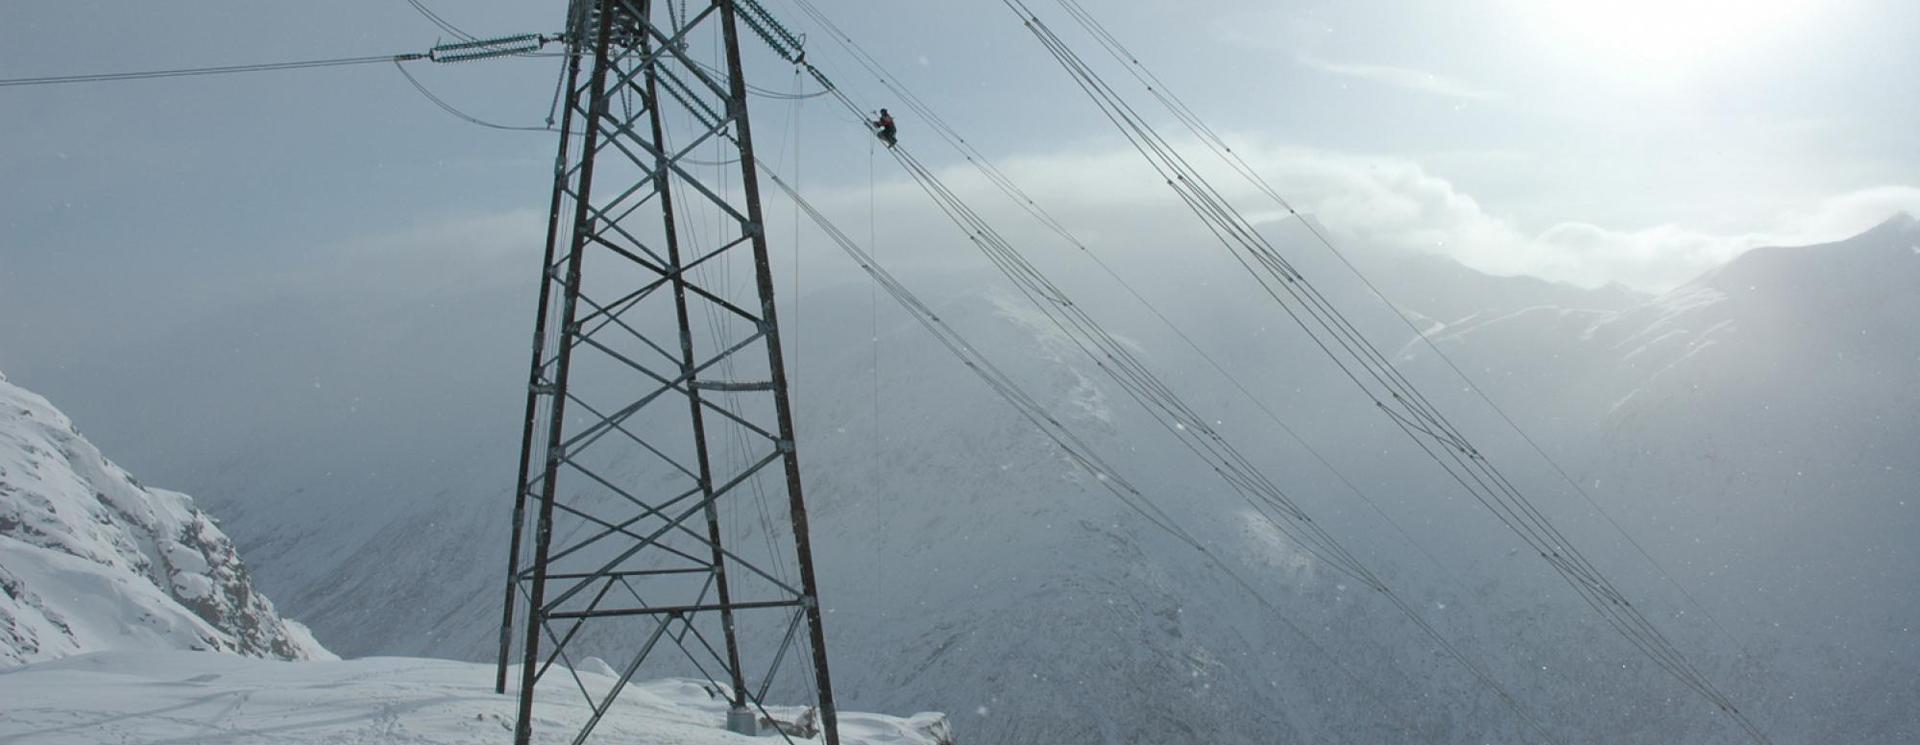 power-lines-1-statnett